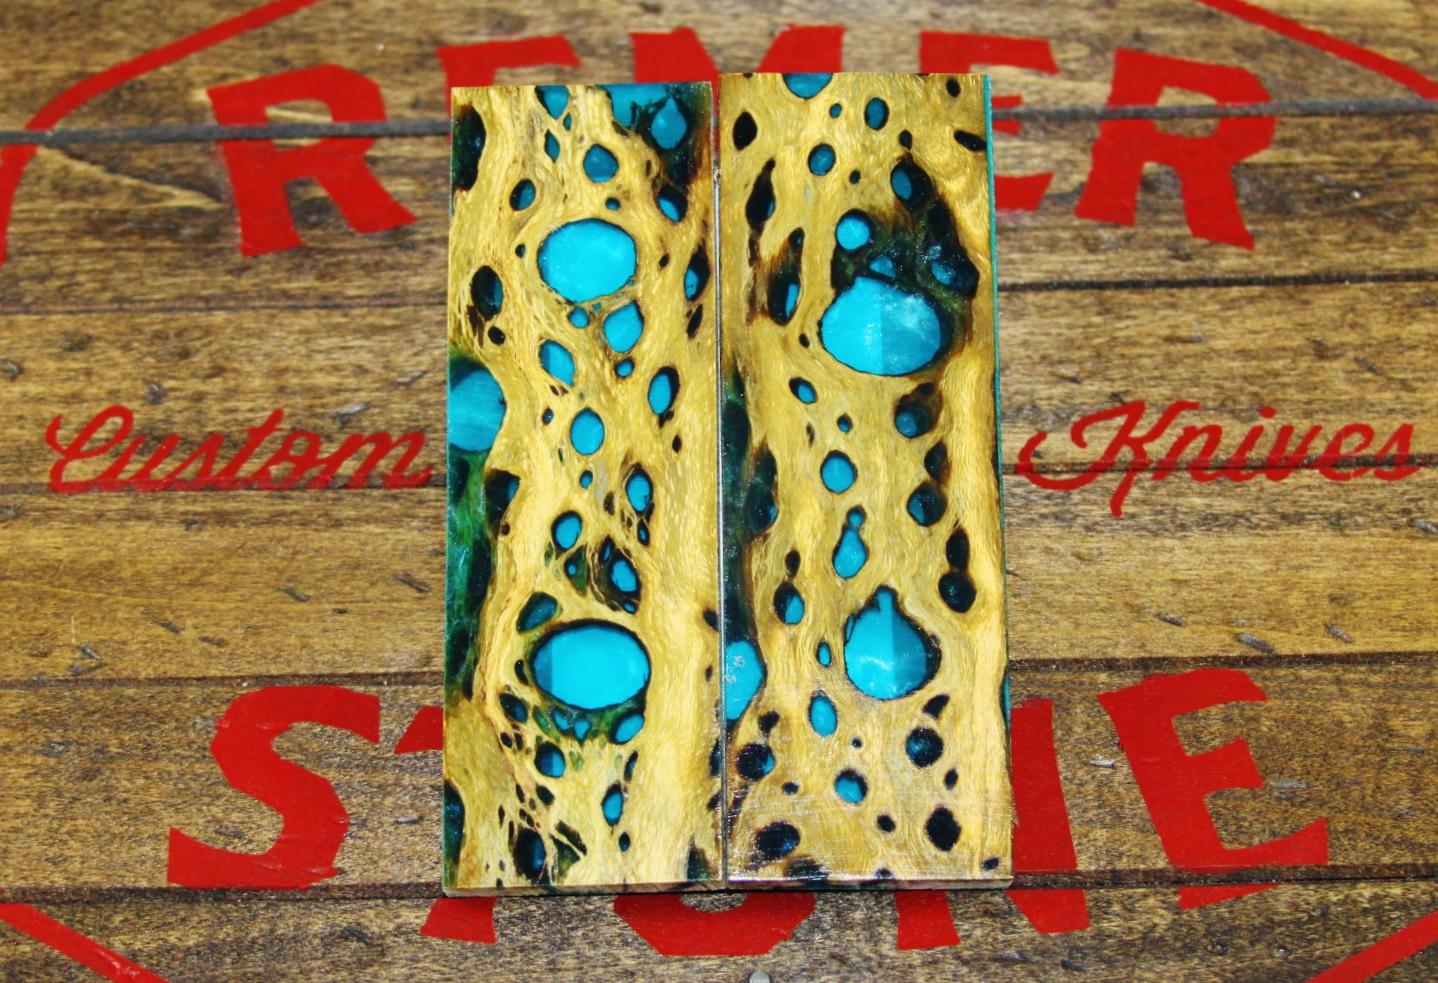 Turquoise Cholla Cactus